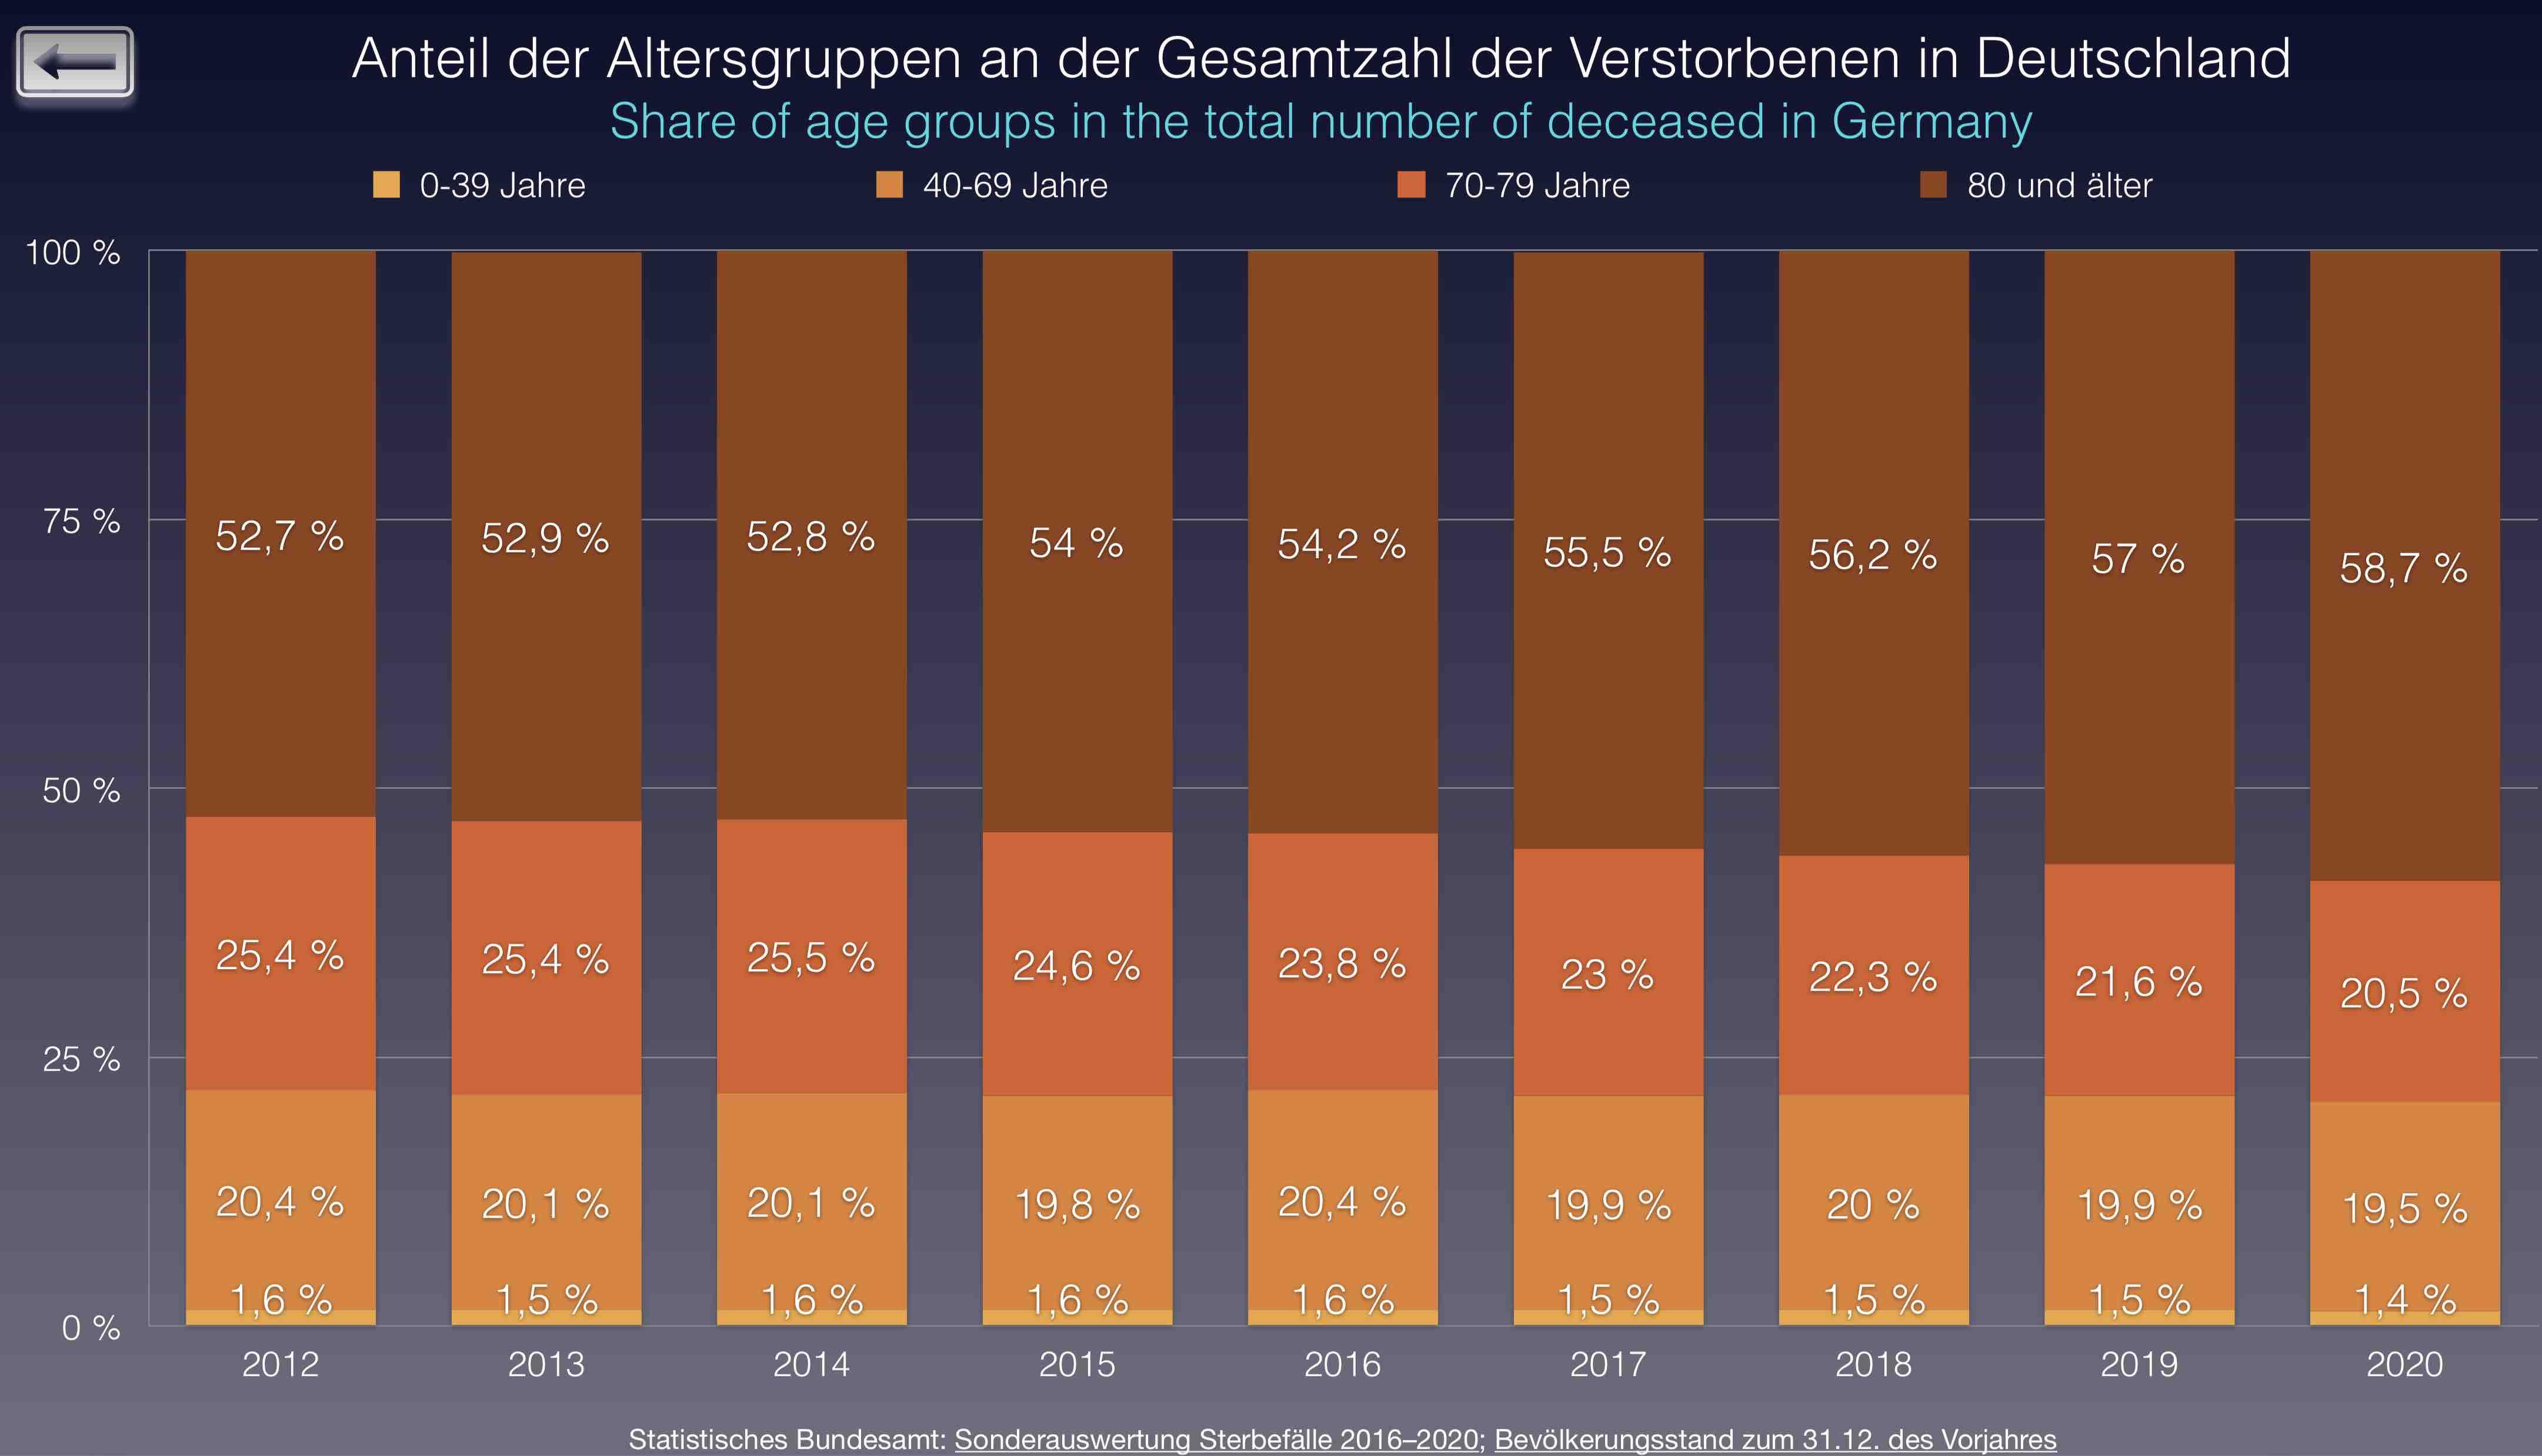 Verstorbene nach Altersgruppen und Jahren. Quelle: Zur Veröffentlichung freigegeben von einer Gruppe von Statistikern.